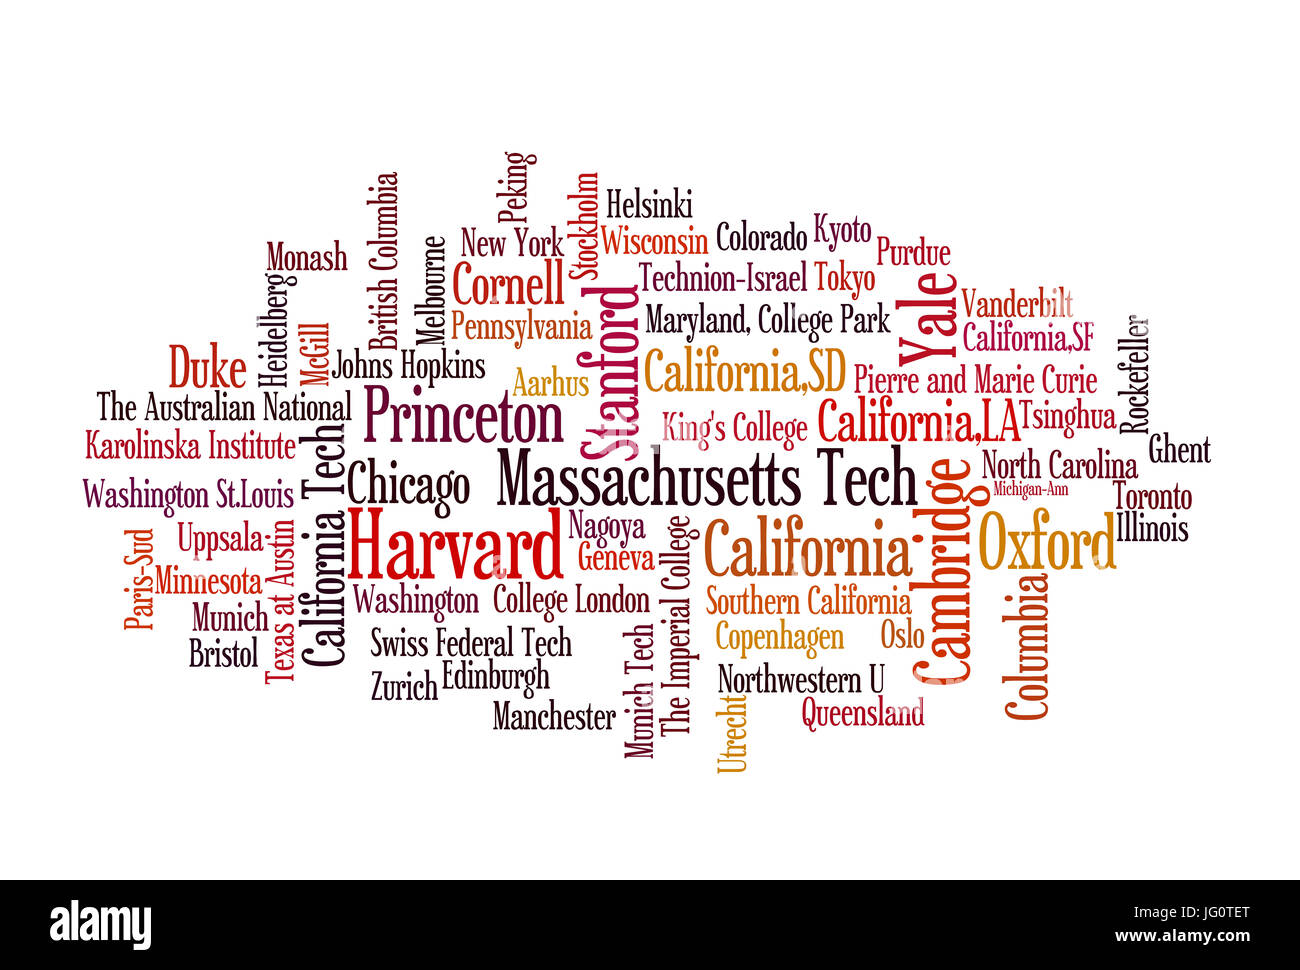 Parola nube della famosa e rinomata università e istituti di tutto il mondo. La dimensione corrisponde approssimativamente Foto Stock